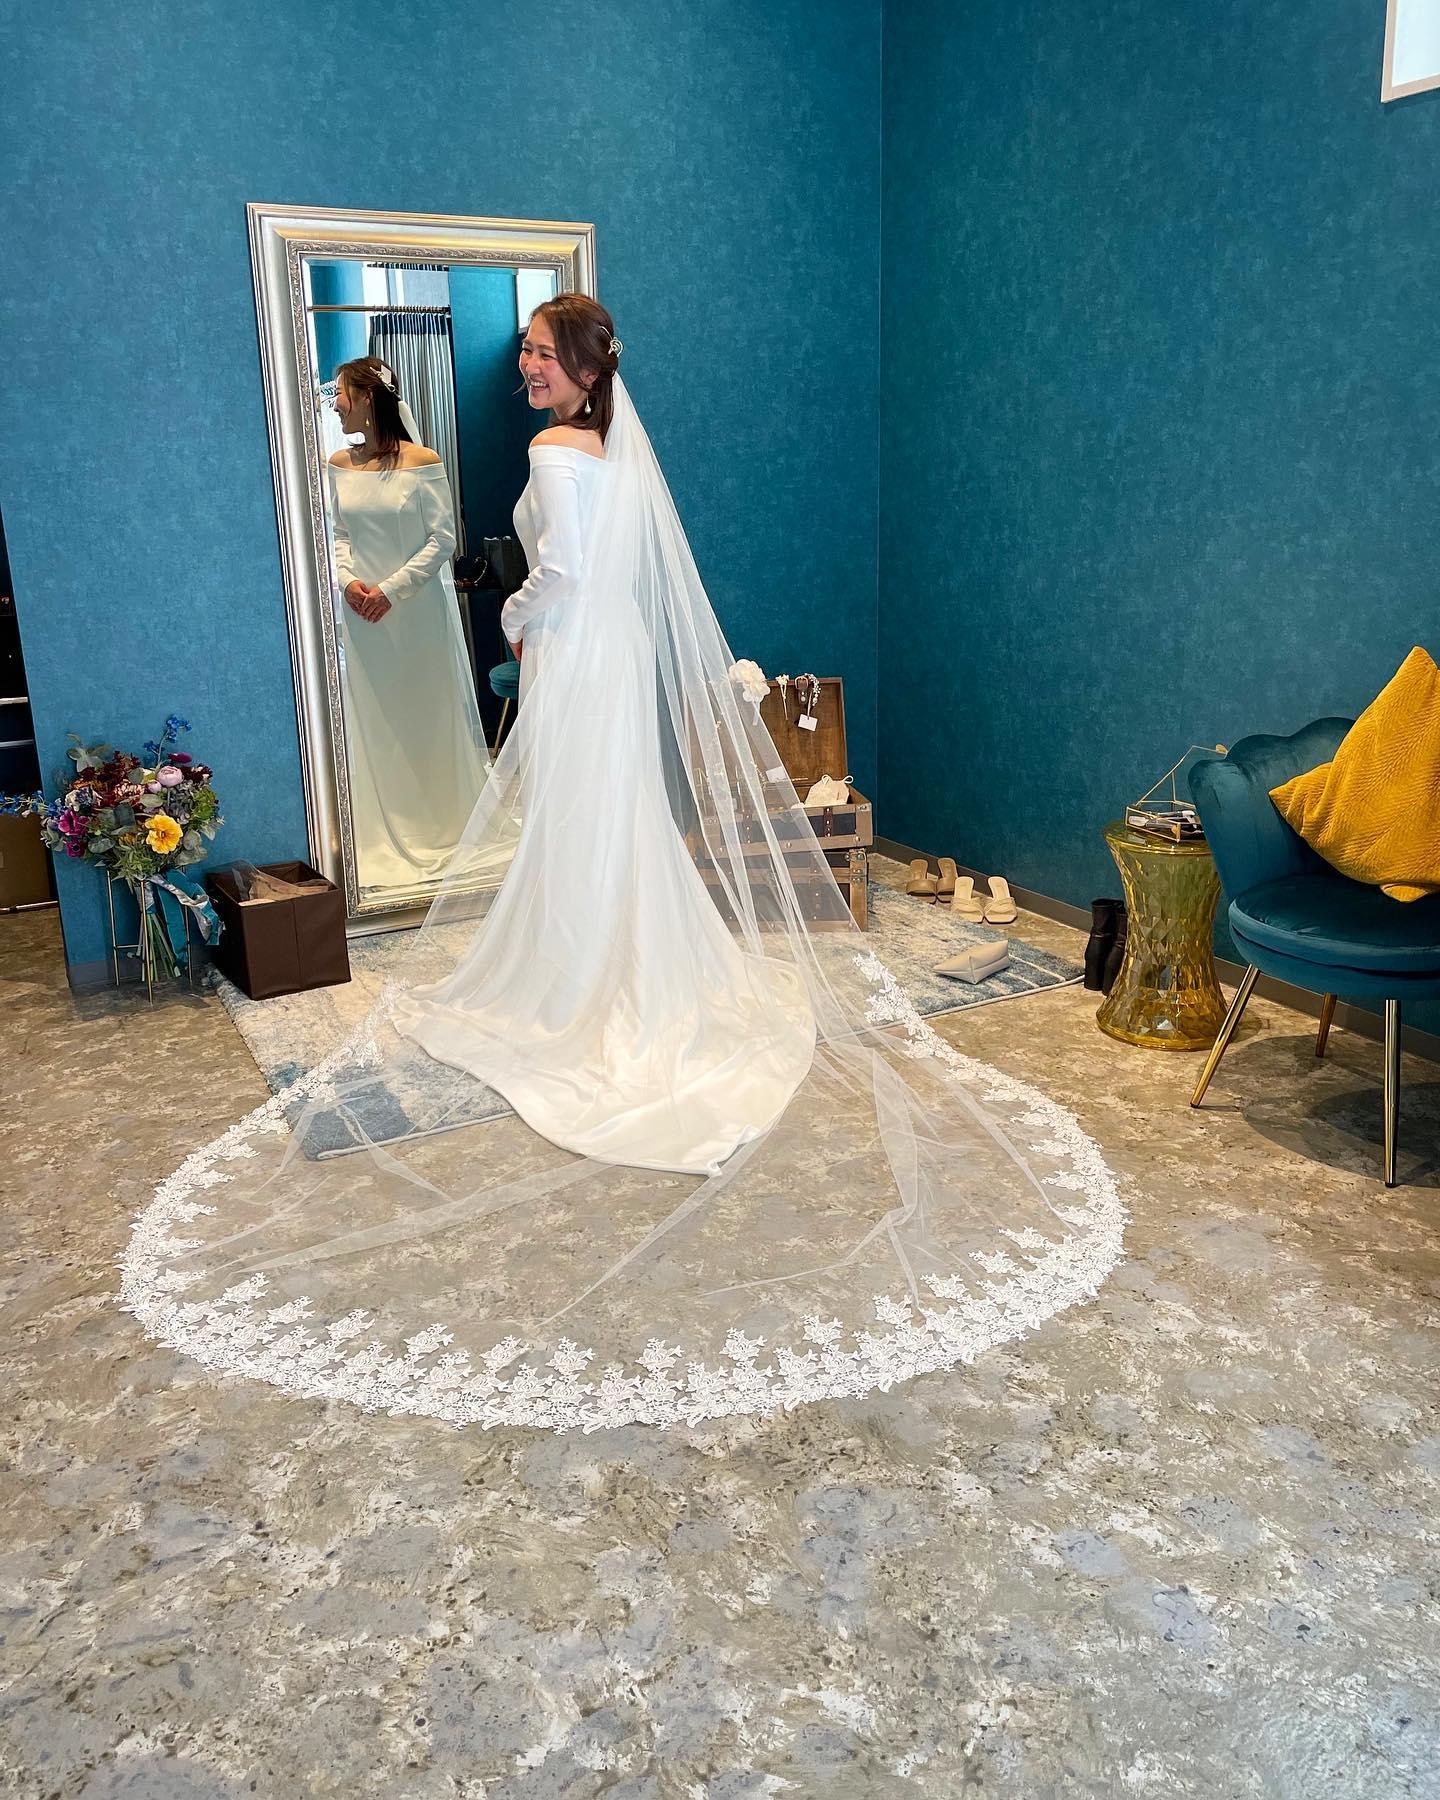 """・ドレスが決まったら次は小物合わせ🕊・少しずつ足し算しながら""""その方らしさ""""を引き出していきます気持ちが高揚する瞬間を一緒に楽しめる幸せな時間・""""もっとドレス選びを自由に!楽しく!""""・いつも楽しい時間をありがとうございますspecial thanks@dress.stylist.yuko ・#wedding #weddingdress #claras #paris #vowrenewal #aoyama #spur #spurwedding #ellemariage #vogue#ウェディングドレス #プレ花嫁 #ドレス試着 #ヘアメイク #結婚式  #ドレス選び #前撮り #後撮り #フォトウェディング #ウェディングヘア  #ゼクシィ #フォト婚 #前撮り写真 #ブライダルフォト #ウェディングドレス探し #ウェディングドレス試着 #レンタルドレス #ドレスショップ  #ドレス迷子"""